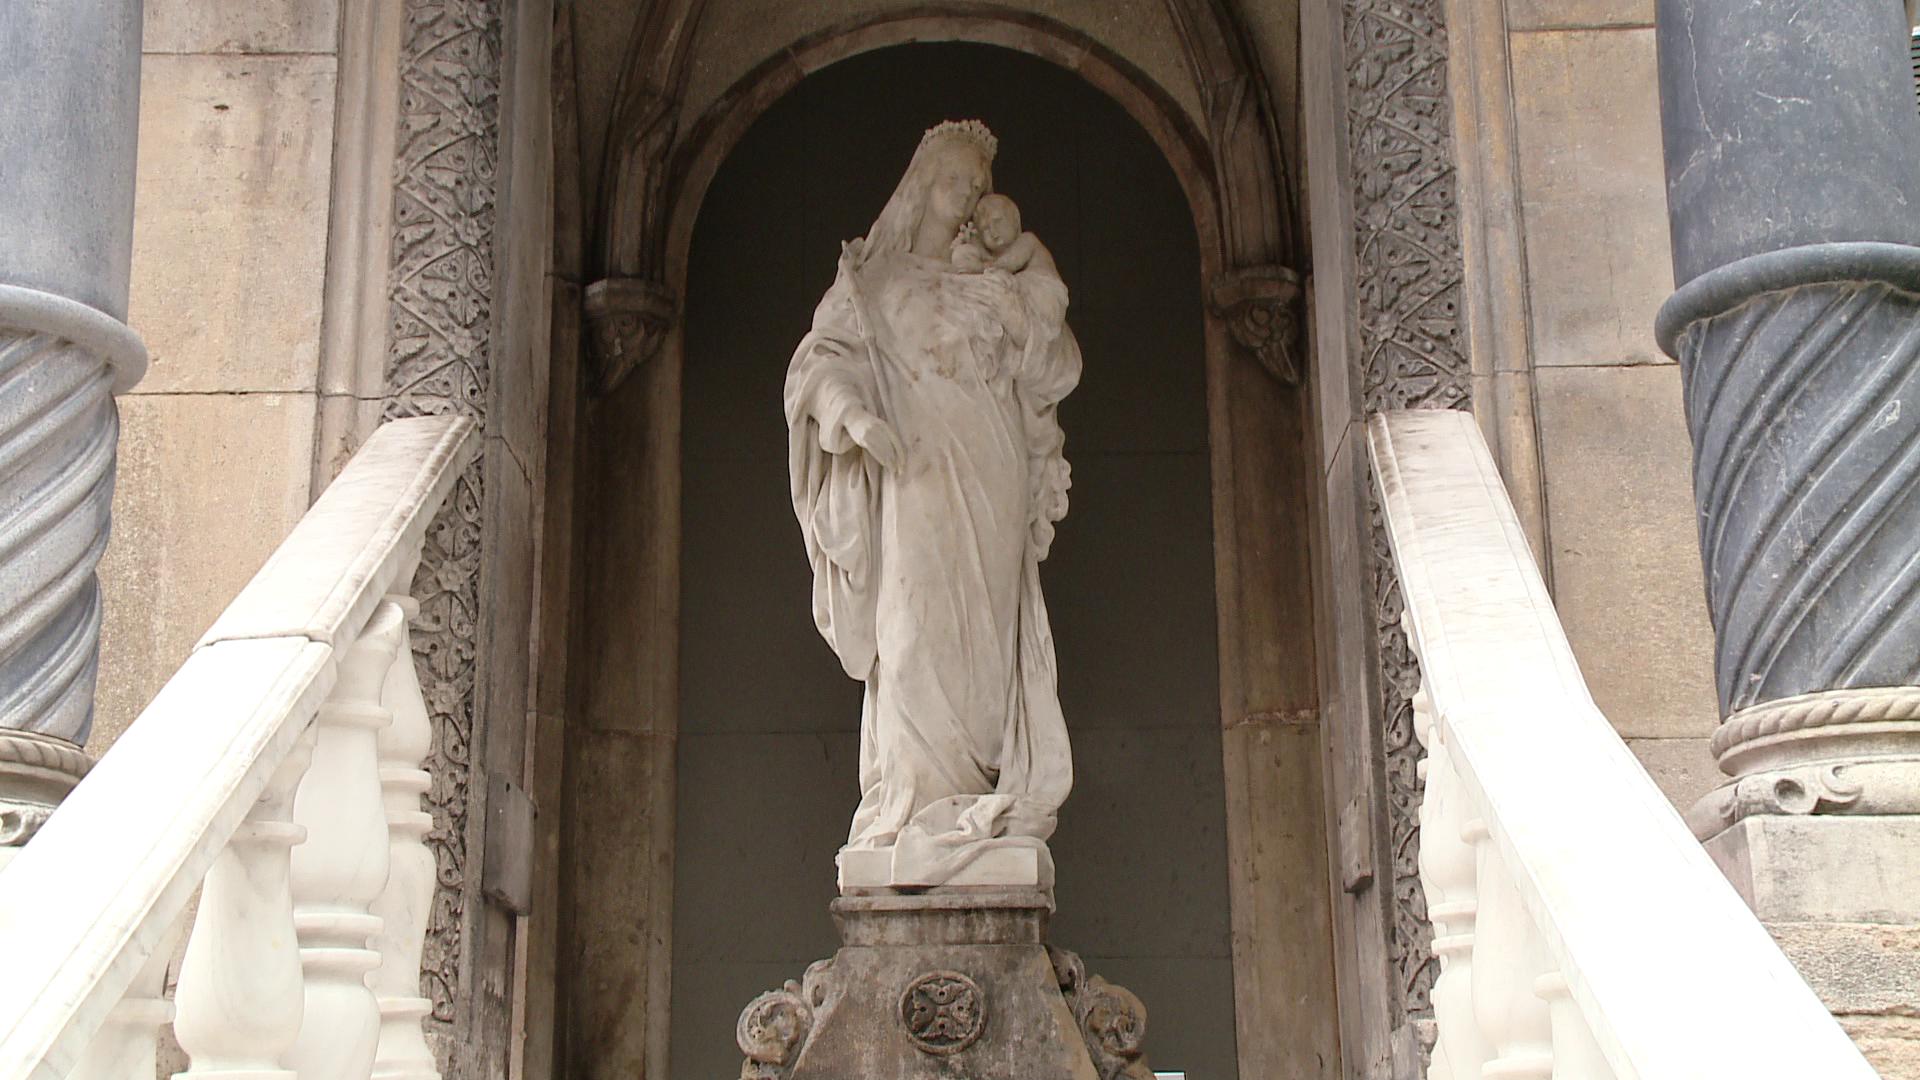 Statuia Fecioarei Maria a fost restaurata dupa patru luni de la vandalizare